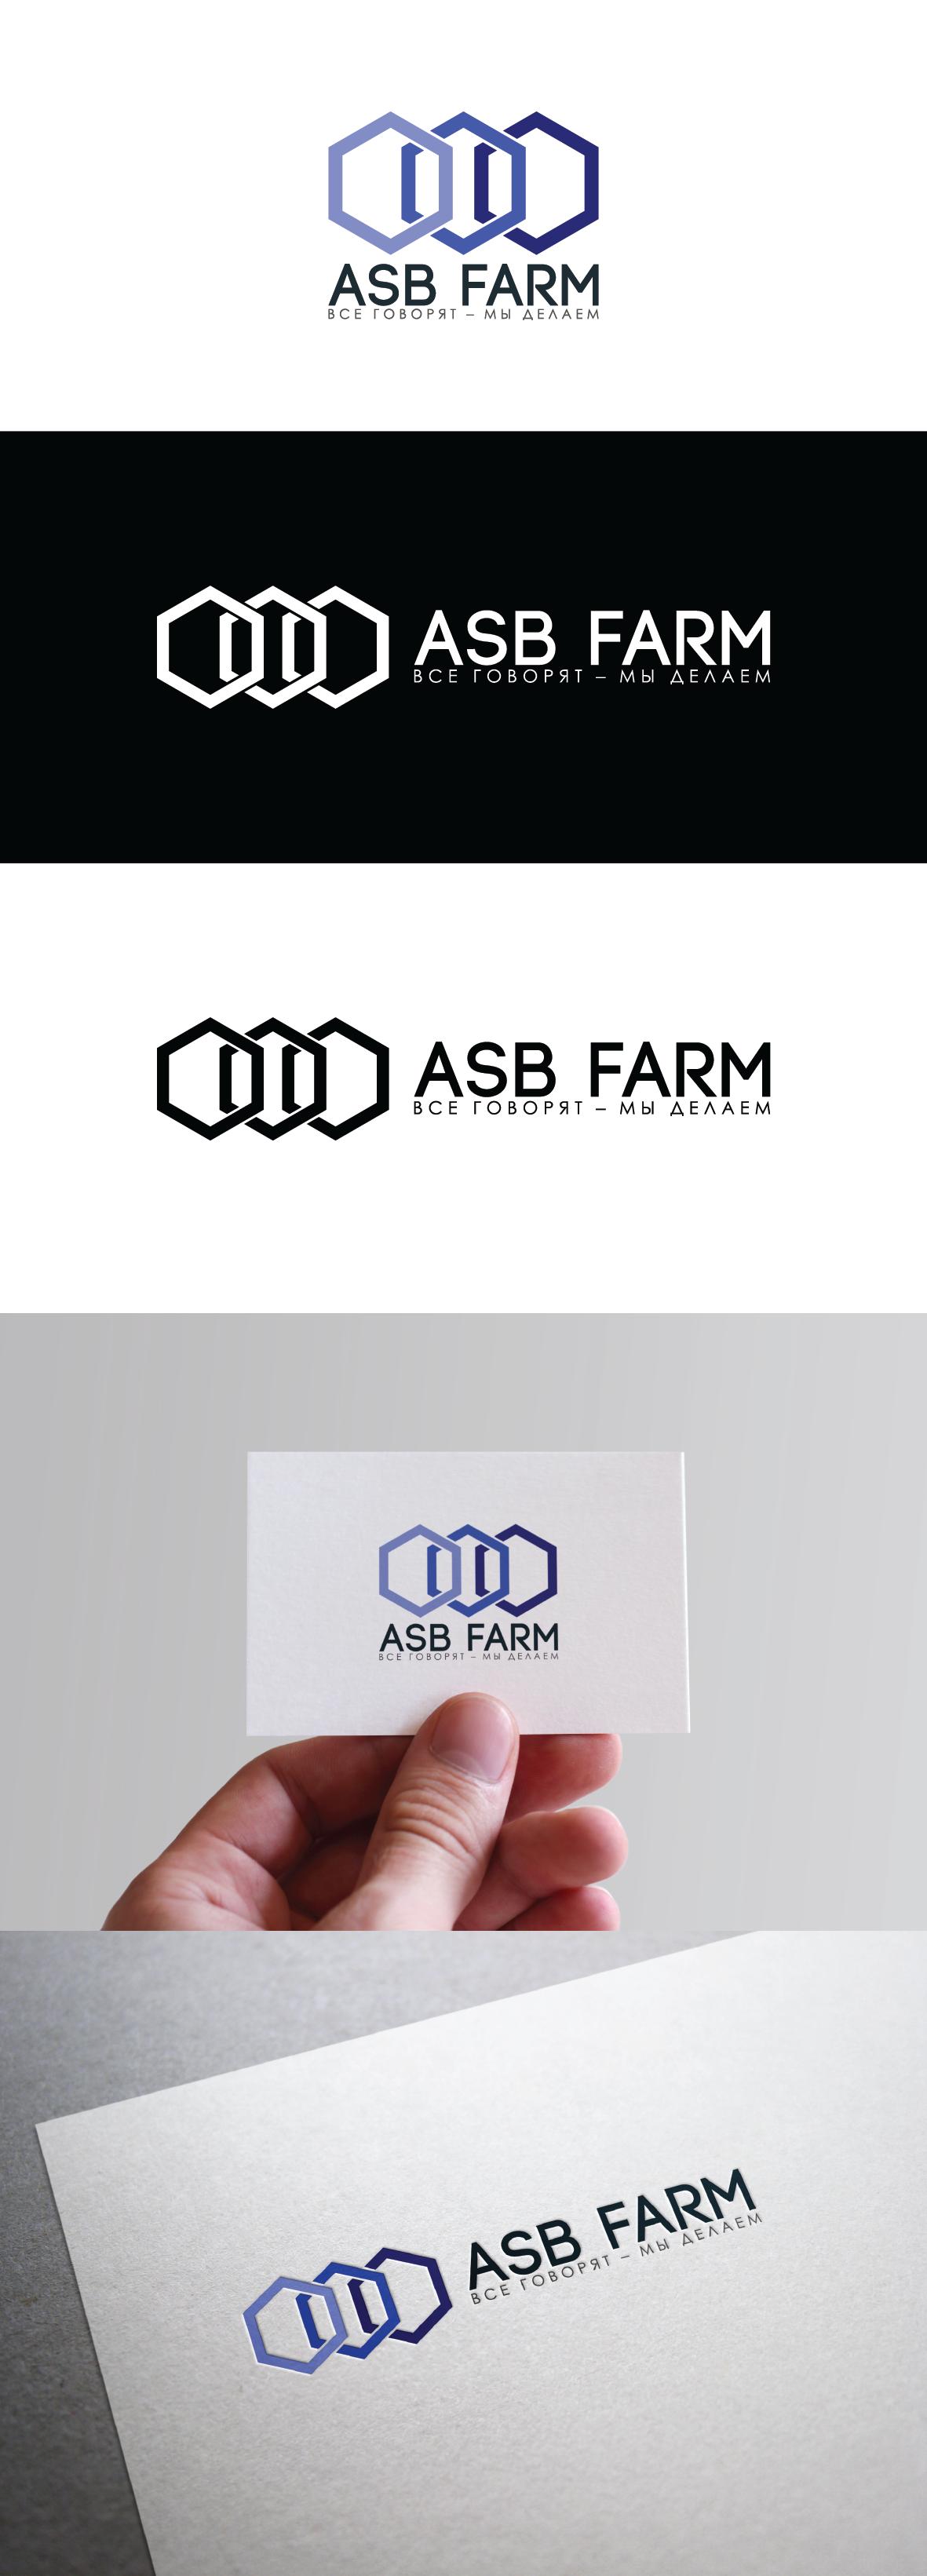 Разработка 3-4 видов логотипа фото f_2755a5cc02558a31.png